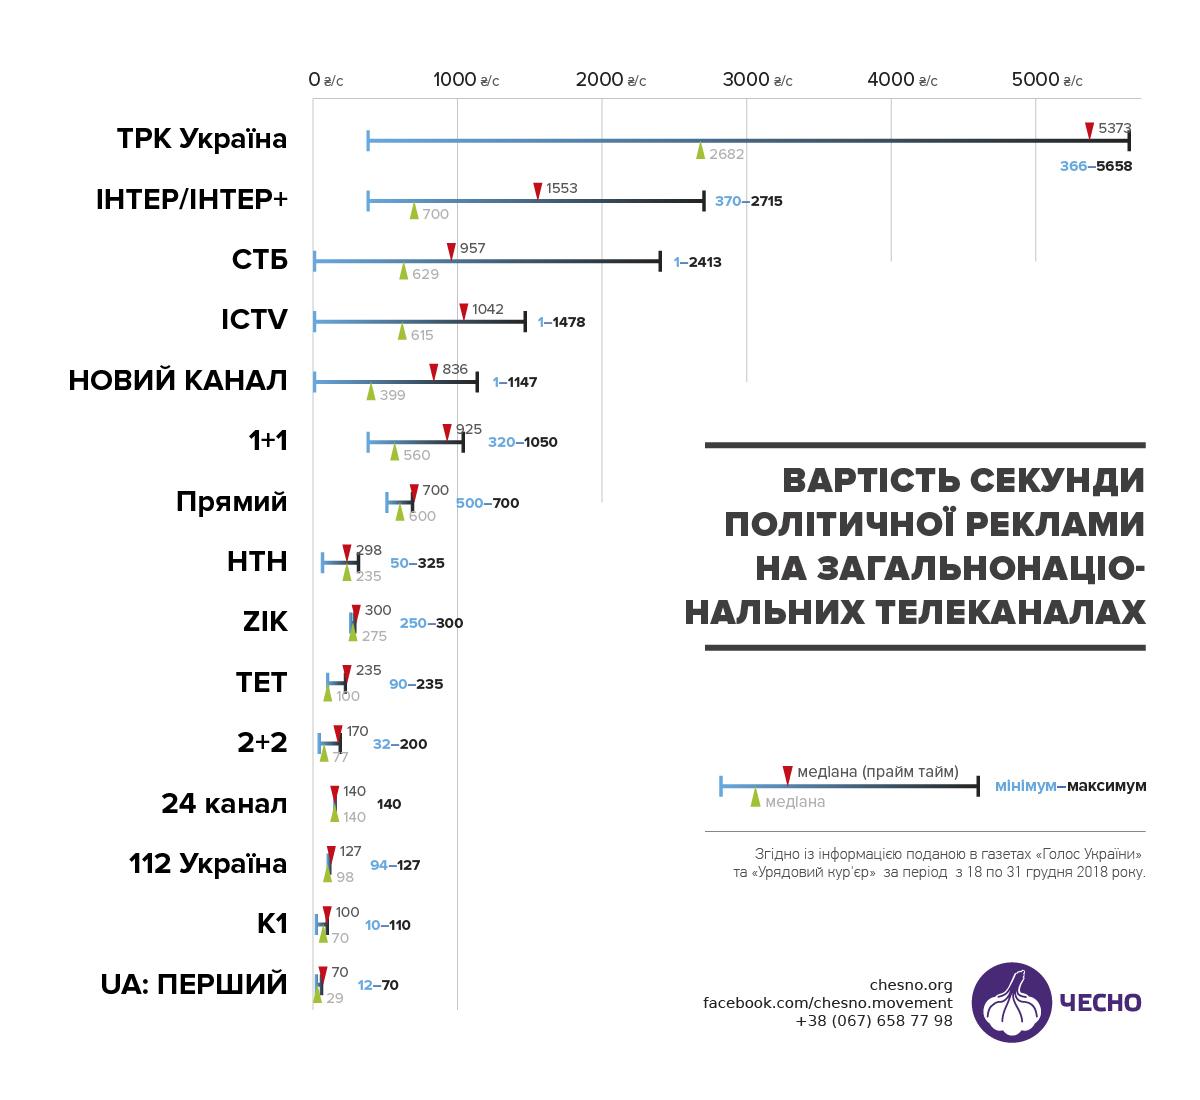 Инфографика: общественное движение «Честно»